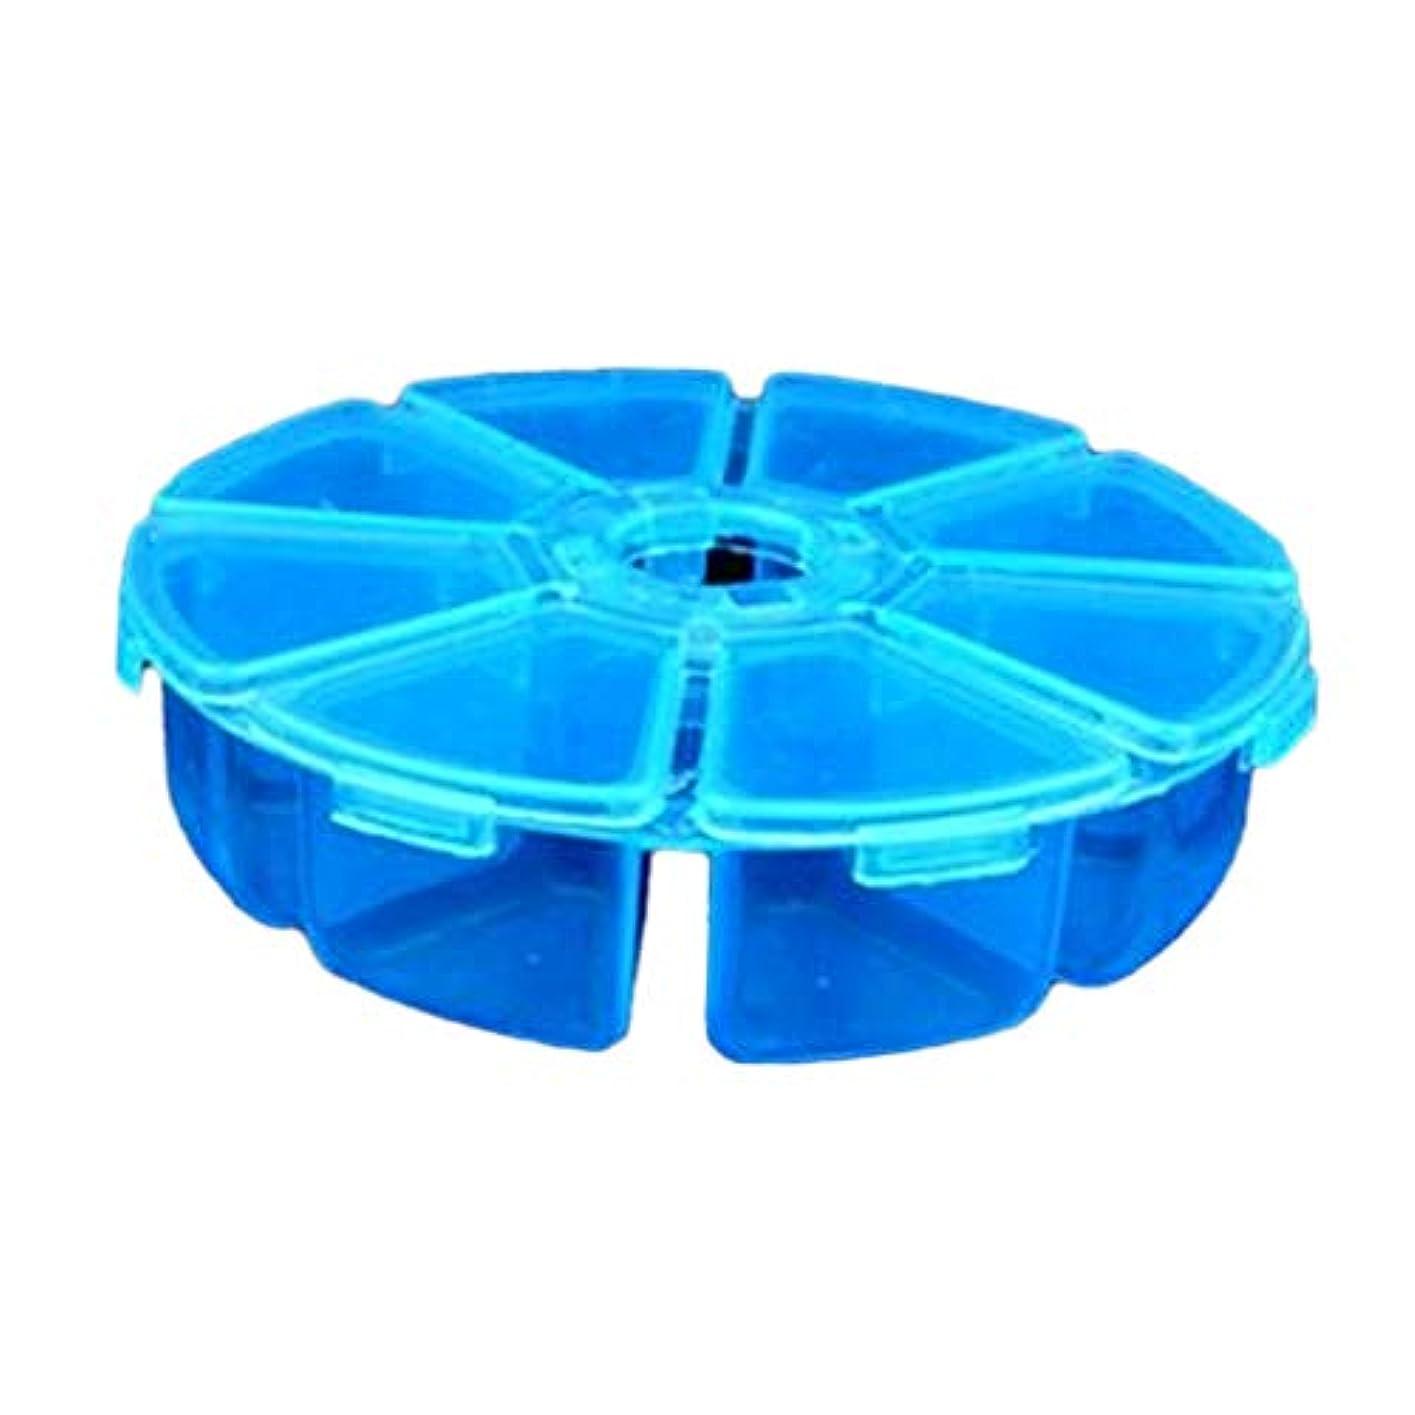 設計つらい絶対のDYNWAVE ネイルアート オーガナイザー 収納 ボックス 8コンパートメント 仕切り プラスチック 全4色 - ブルー